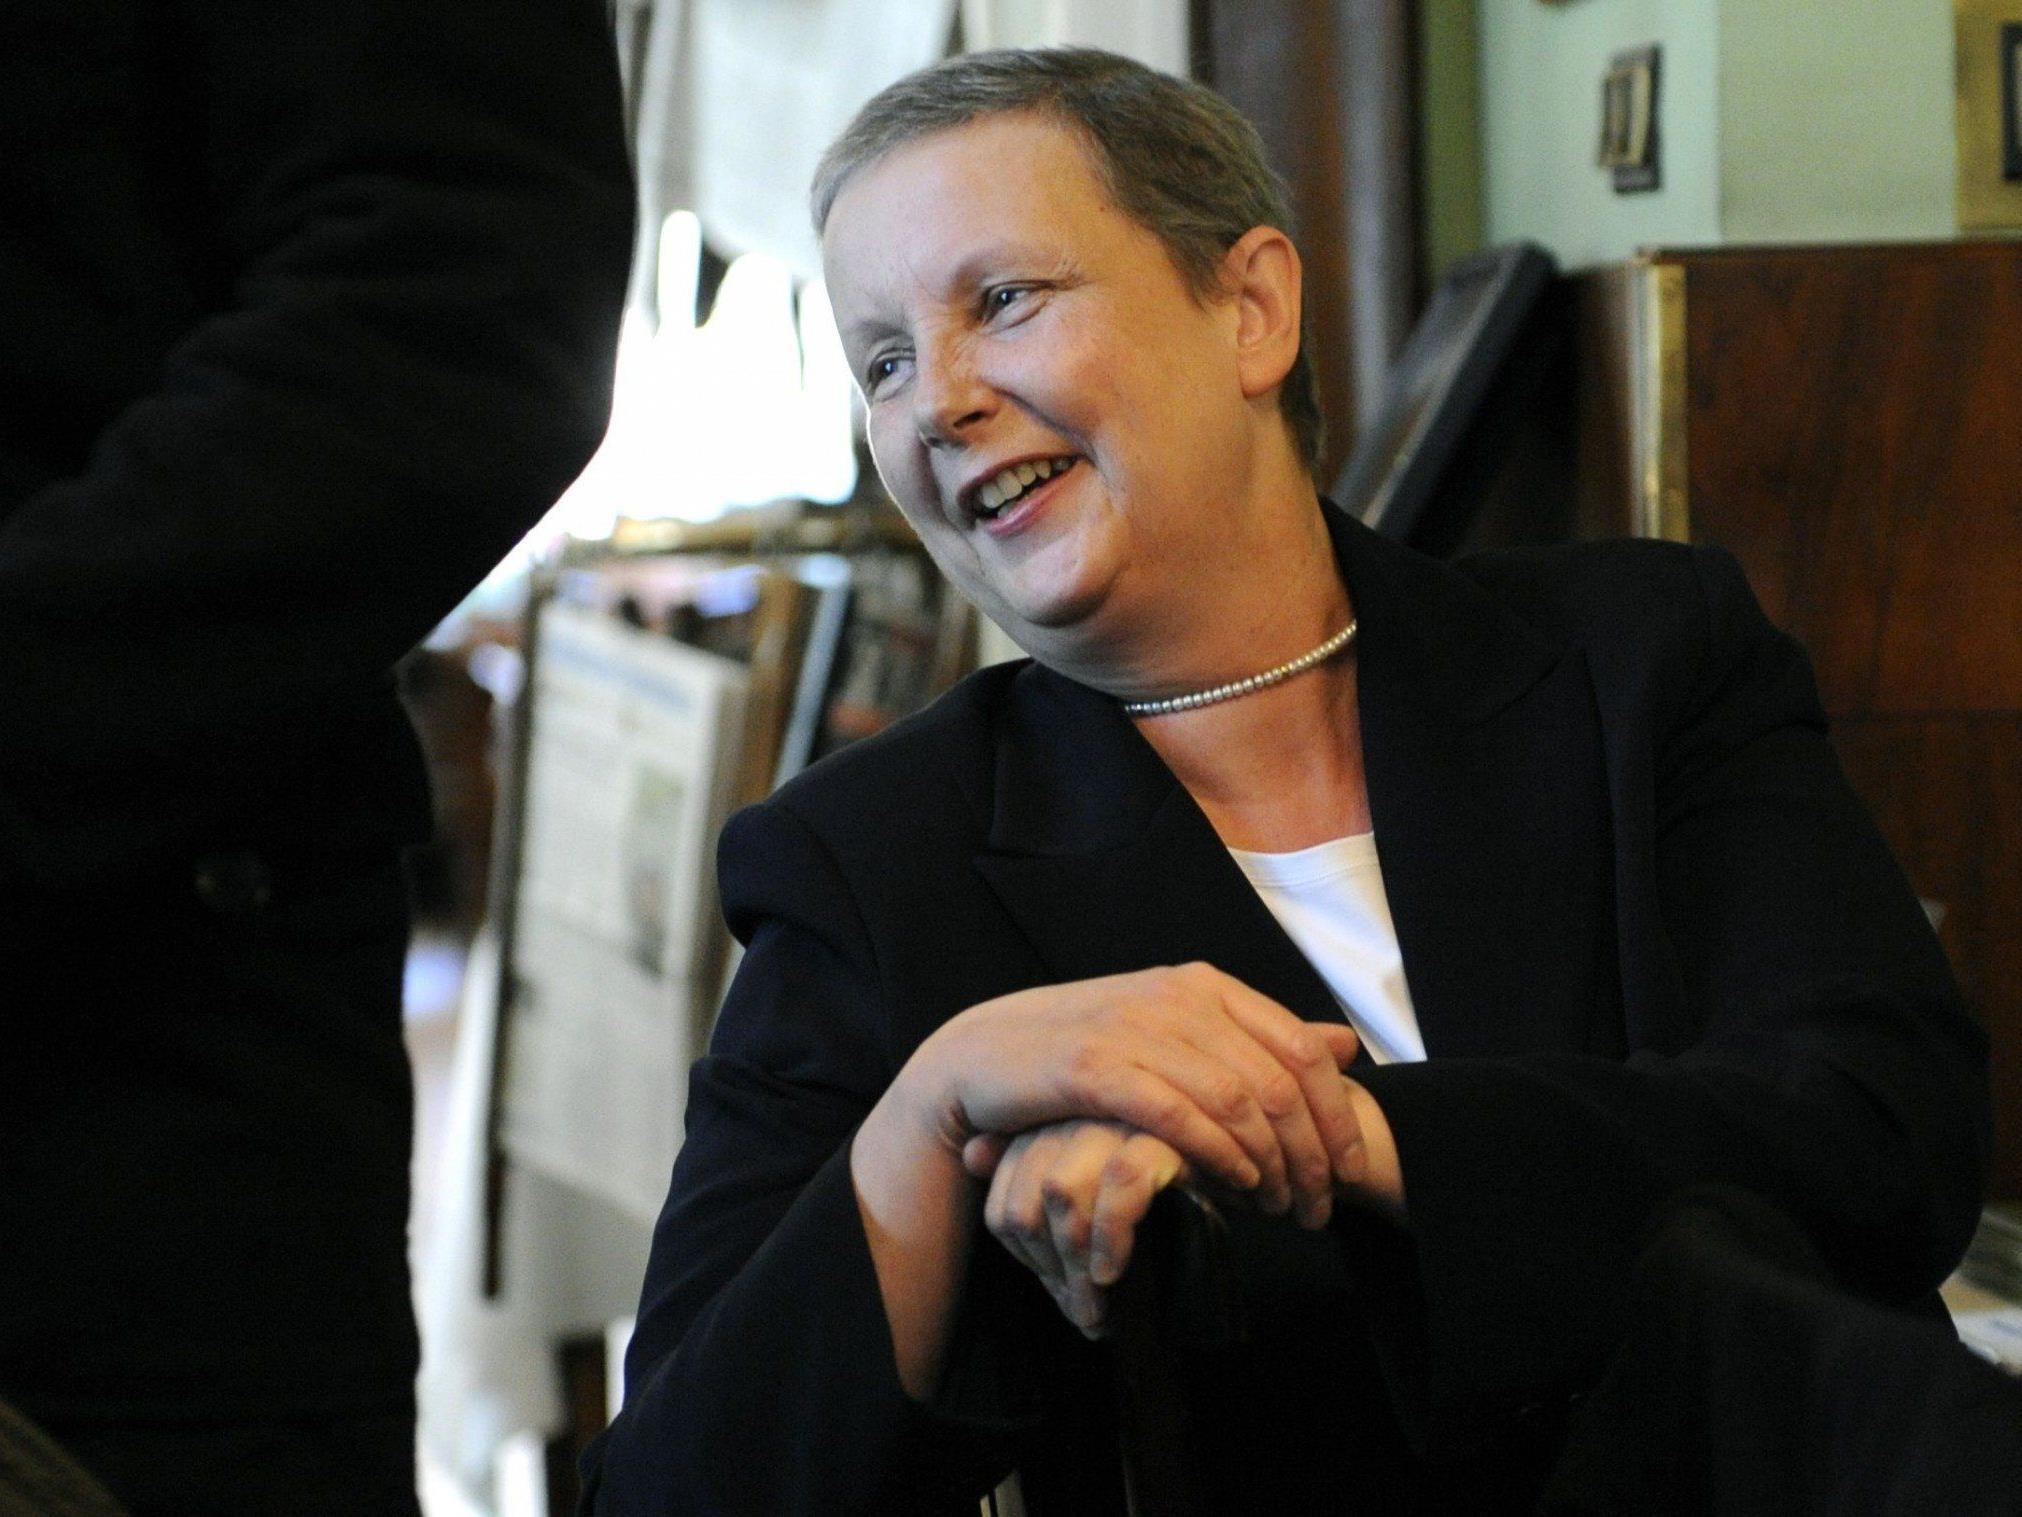 Erste Uni-Rektorin Österreichs Ingela Bruner 61-jährig gestorben